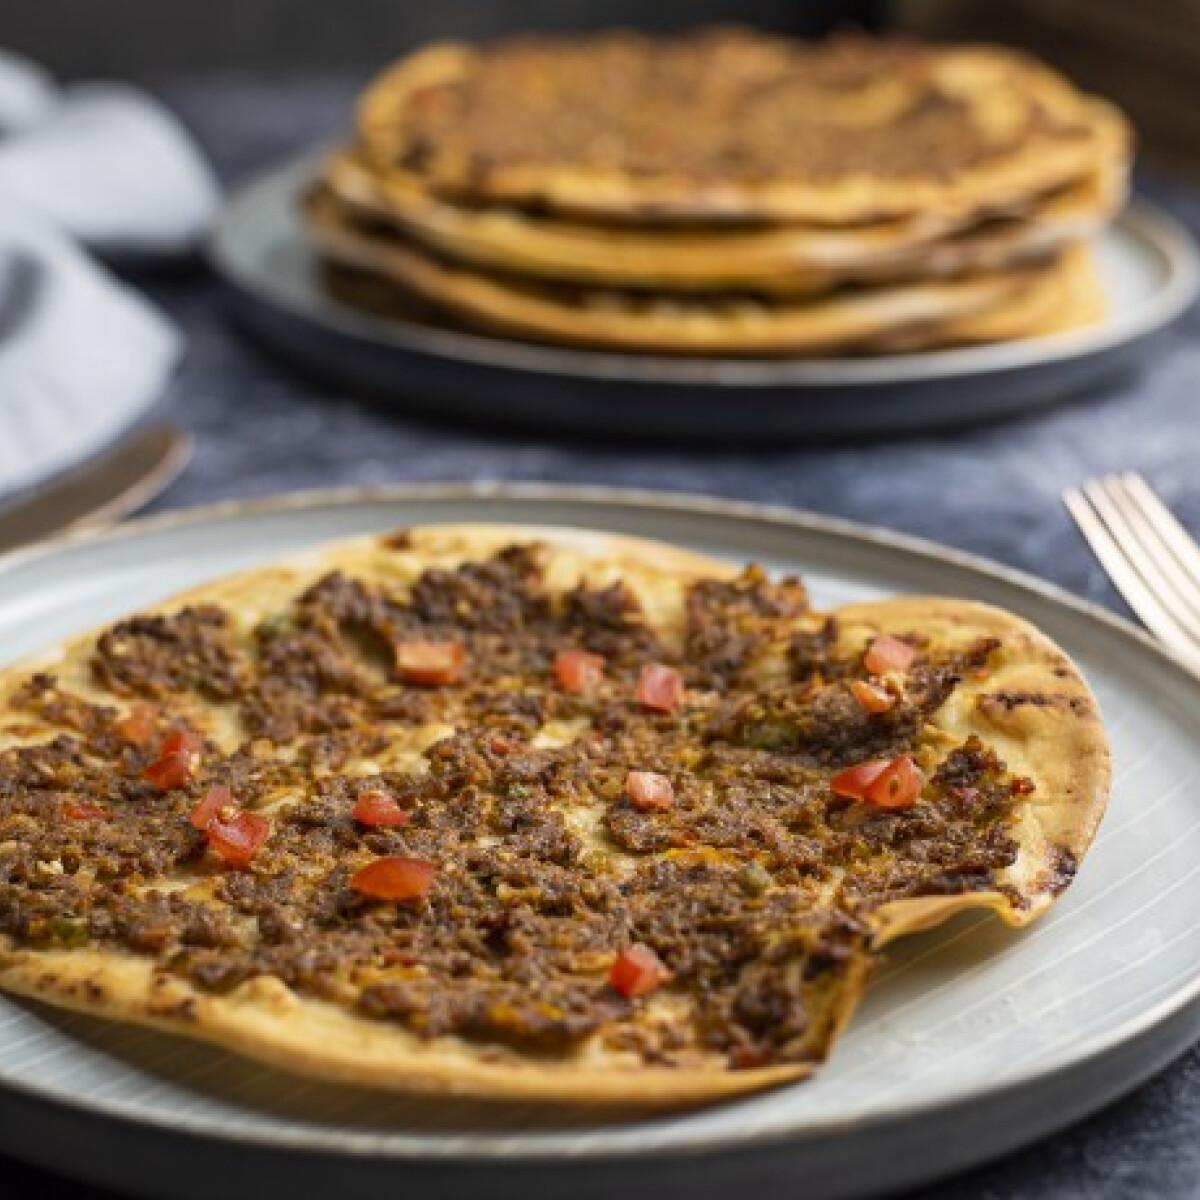 Lahmacun, a török pizza